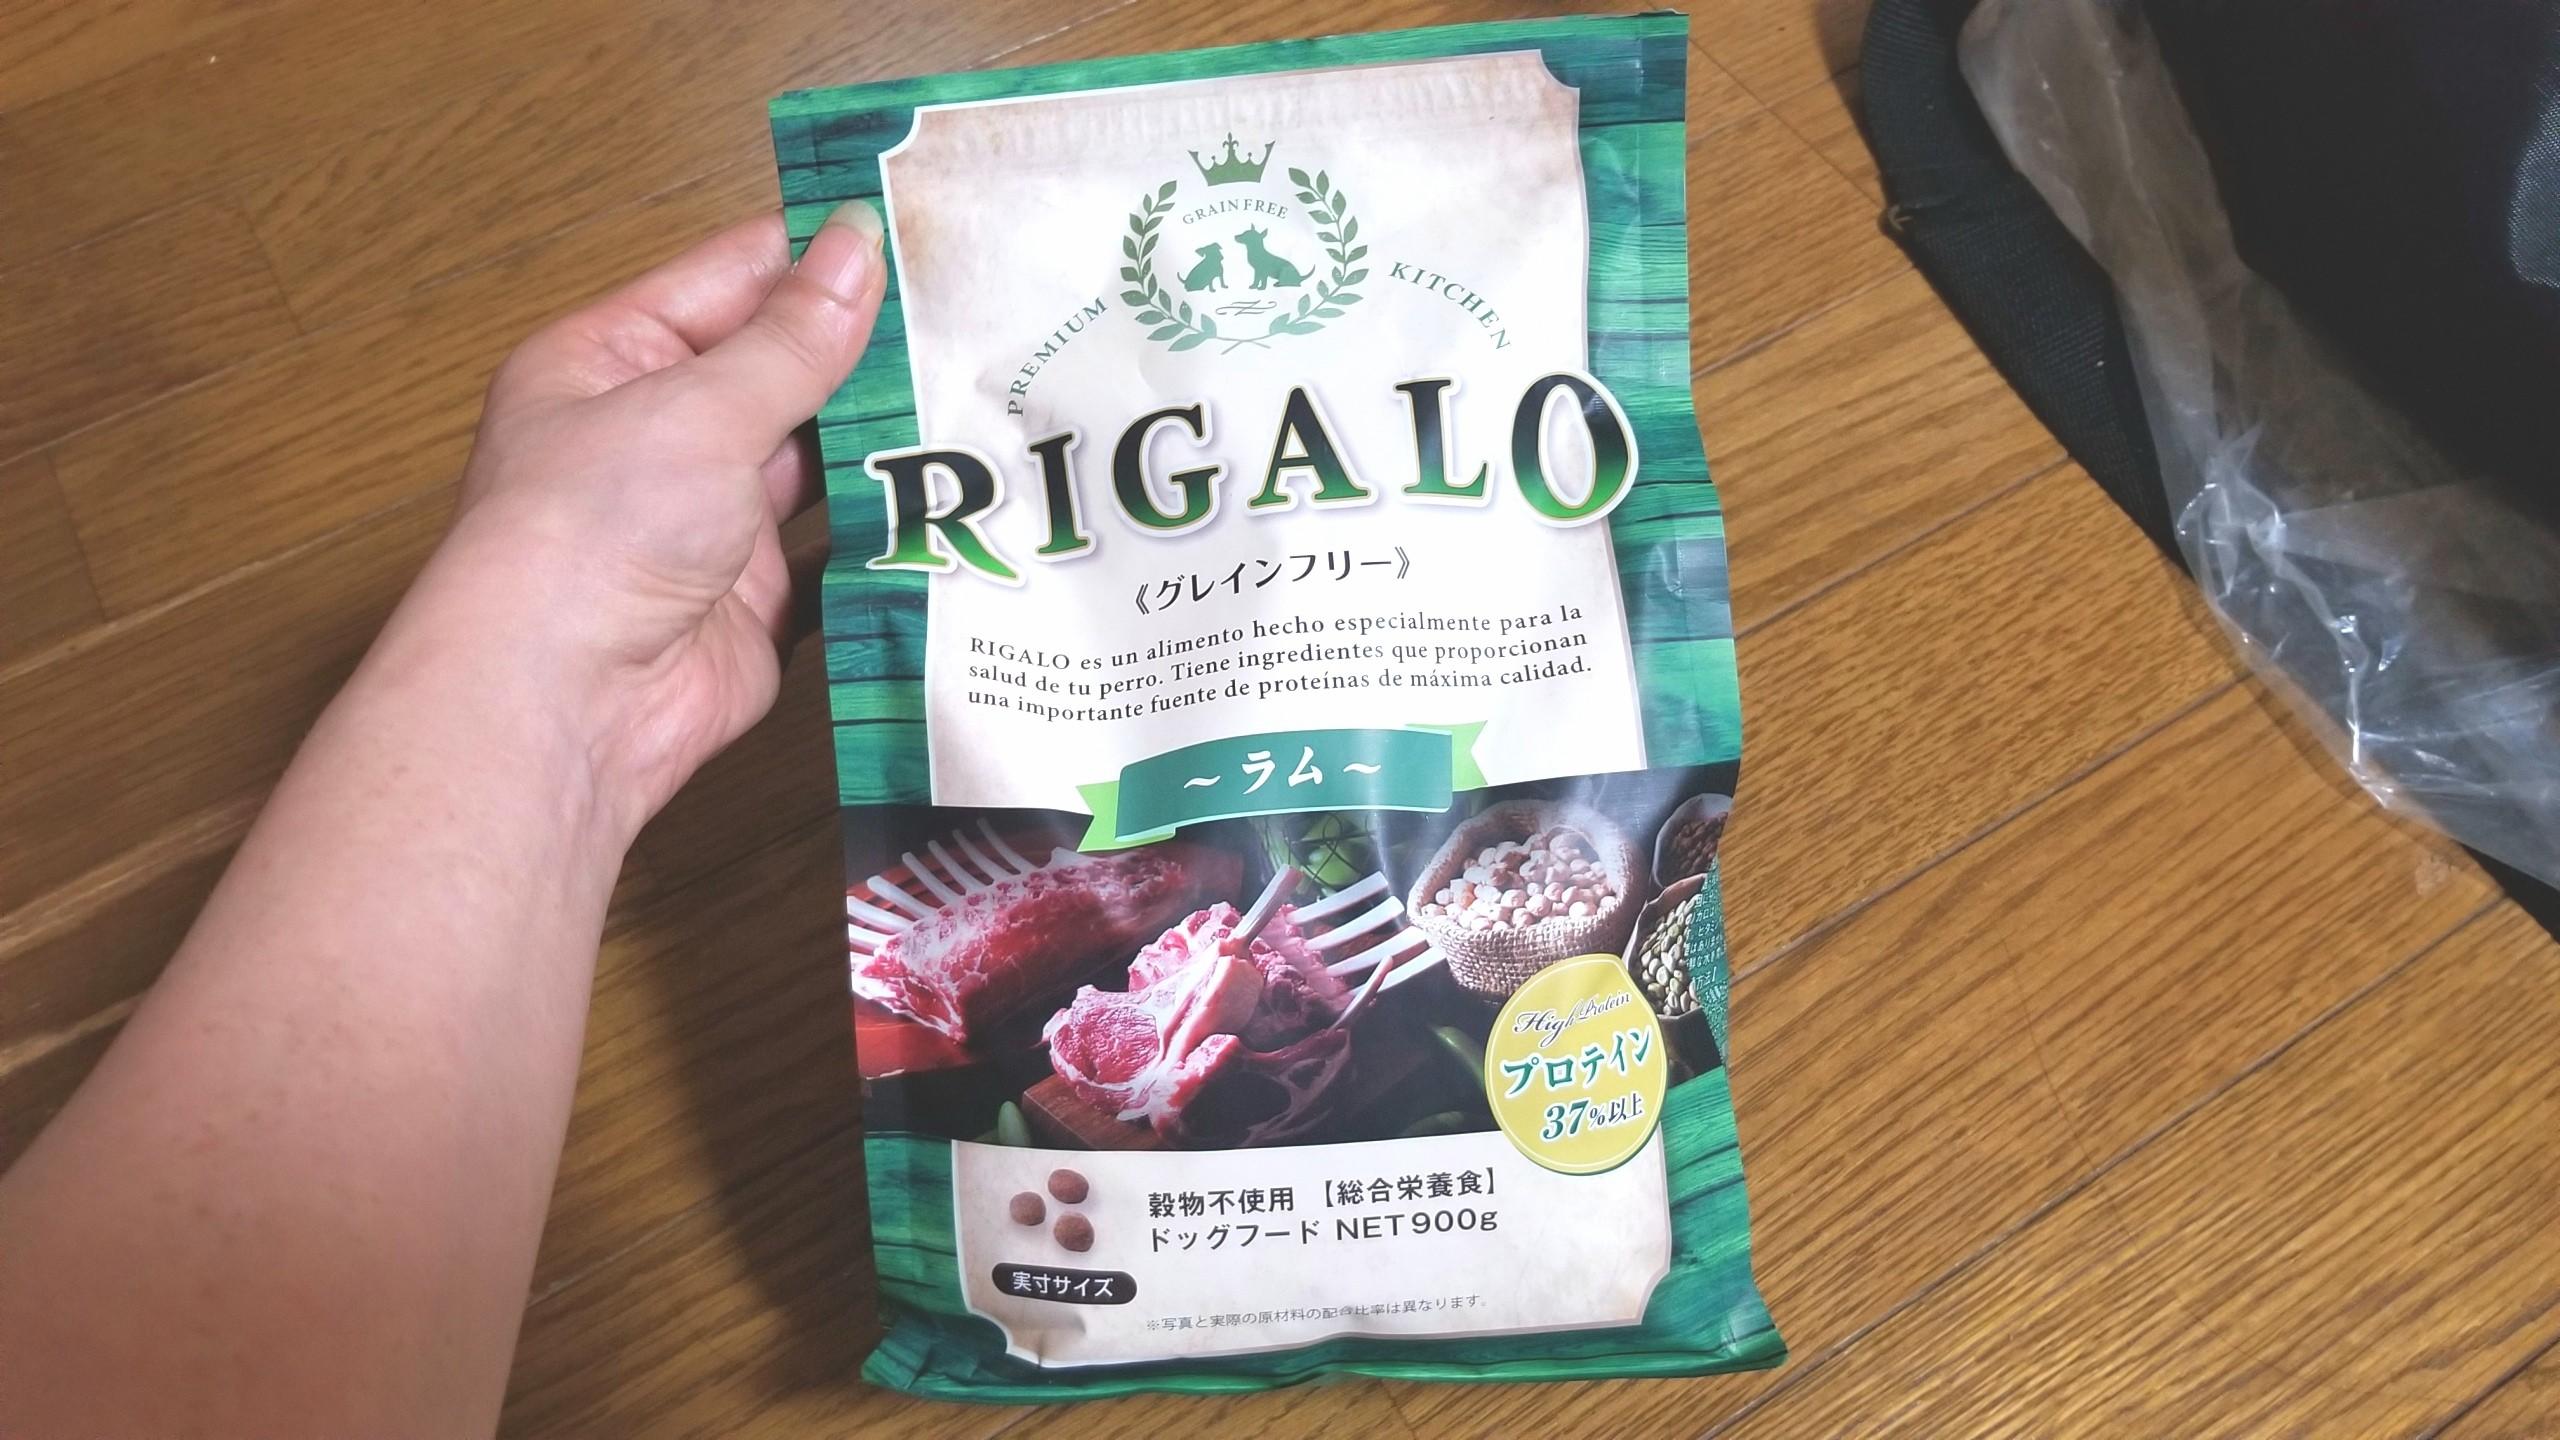 リガロ,グレインフリー,ドッグフード,愛犬の食事管理,ご飯の支度